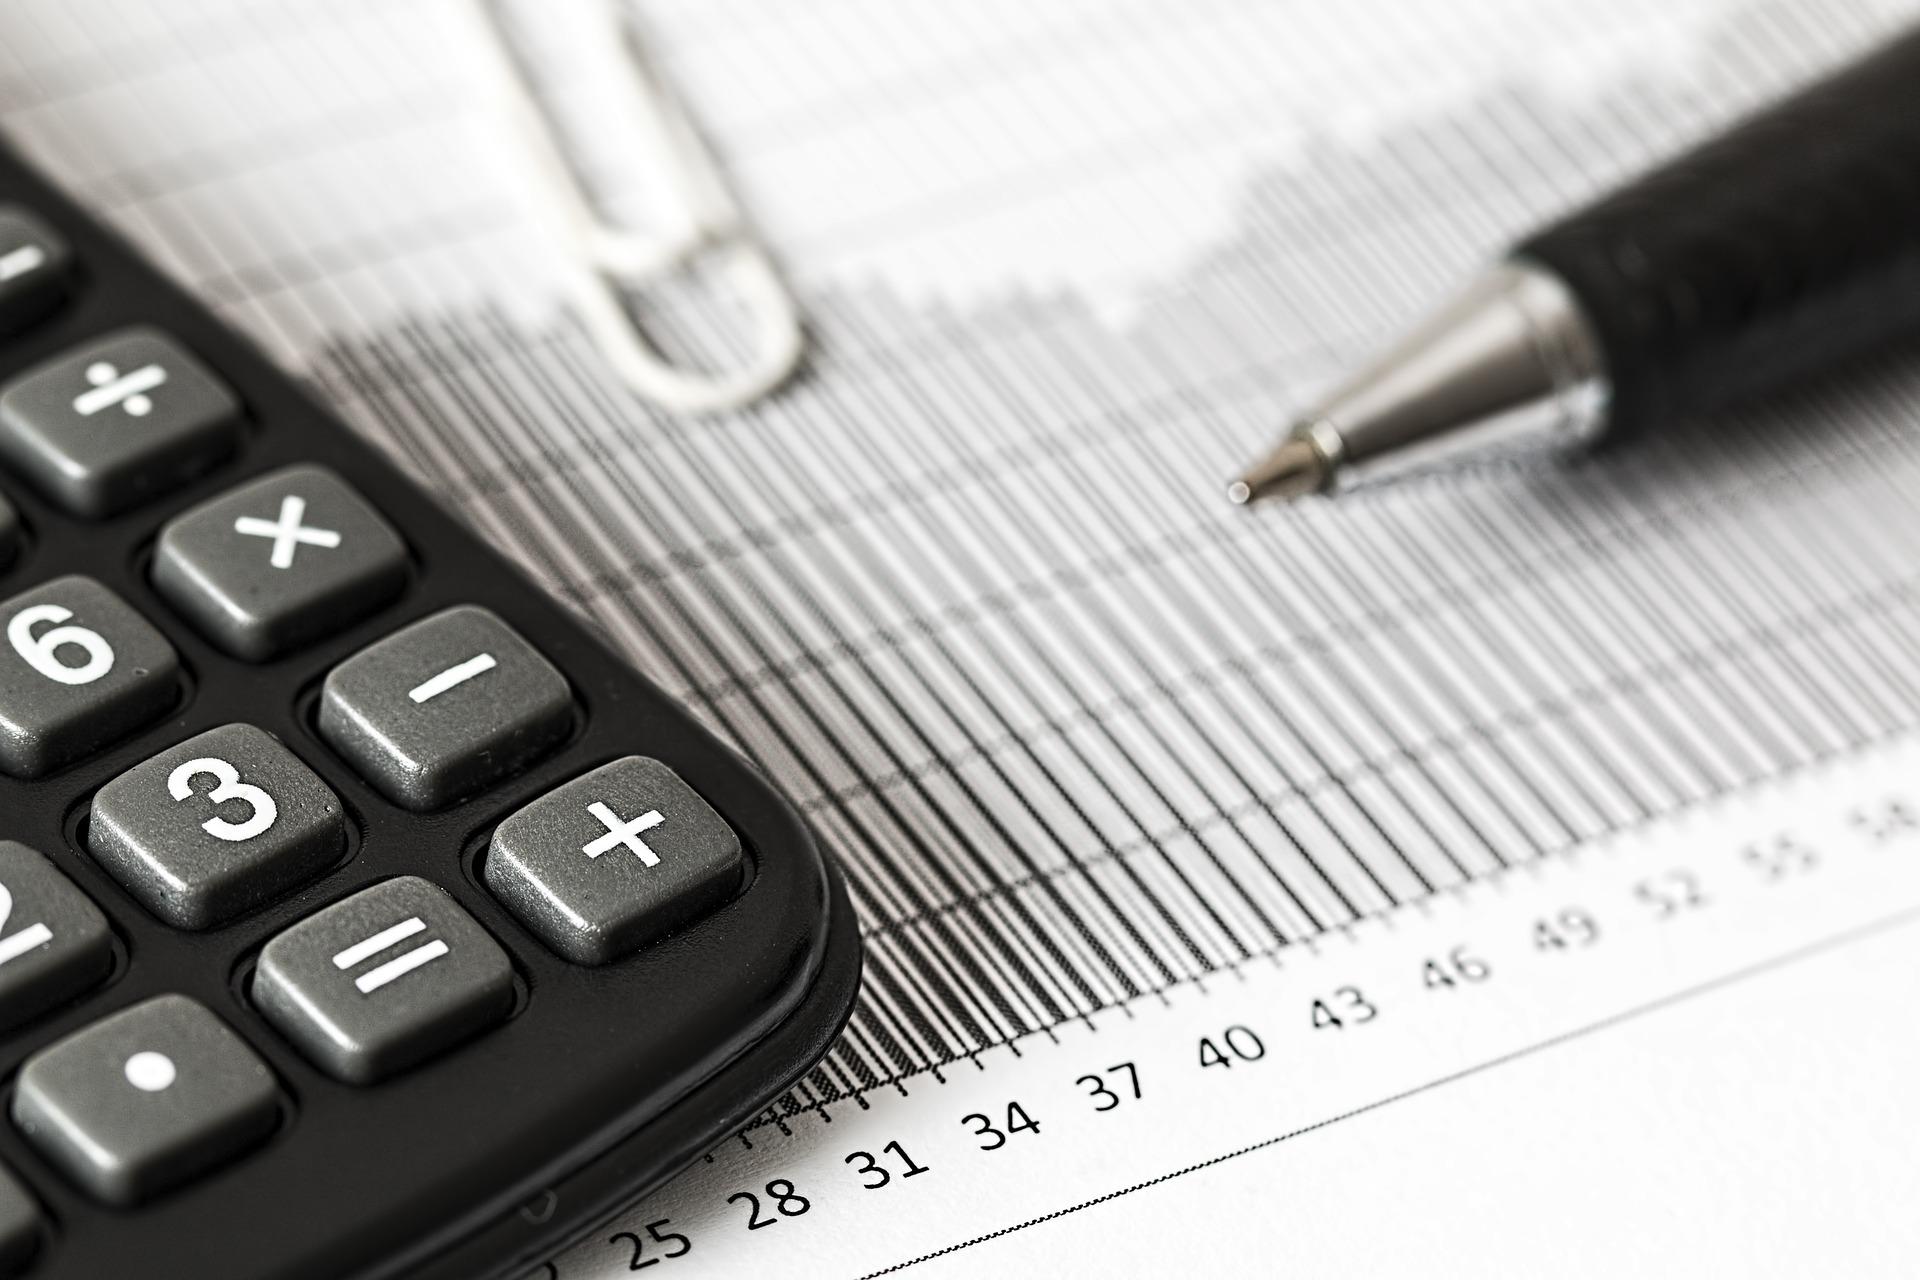 メガバンクの株価は今後どうなる?元銀行員が分かりやすく徹底的に解説